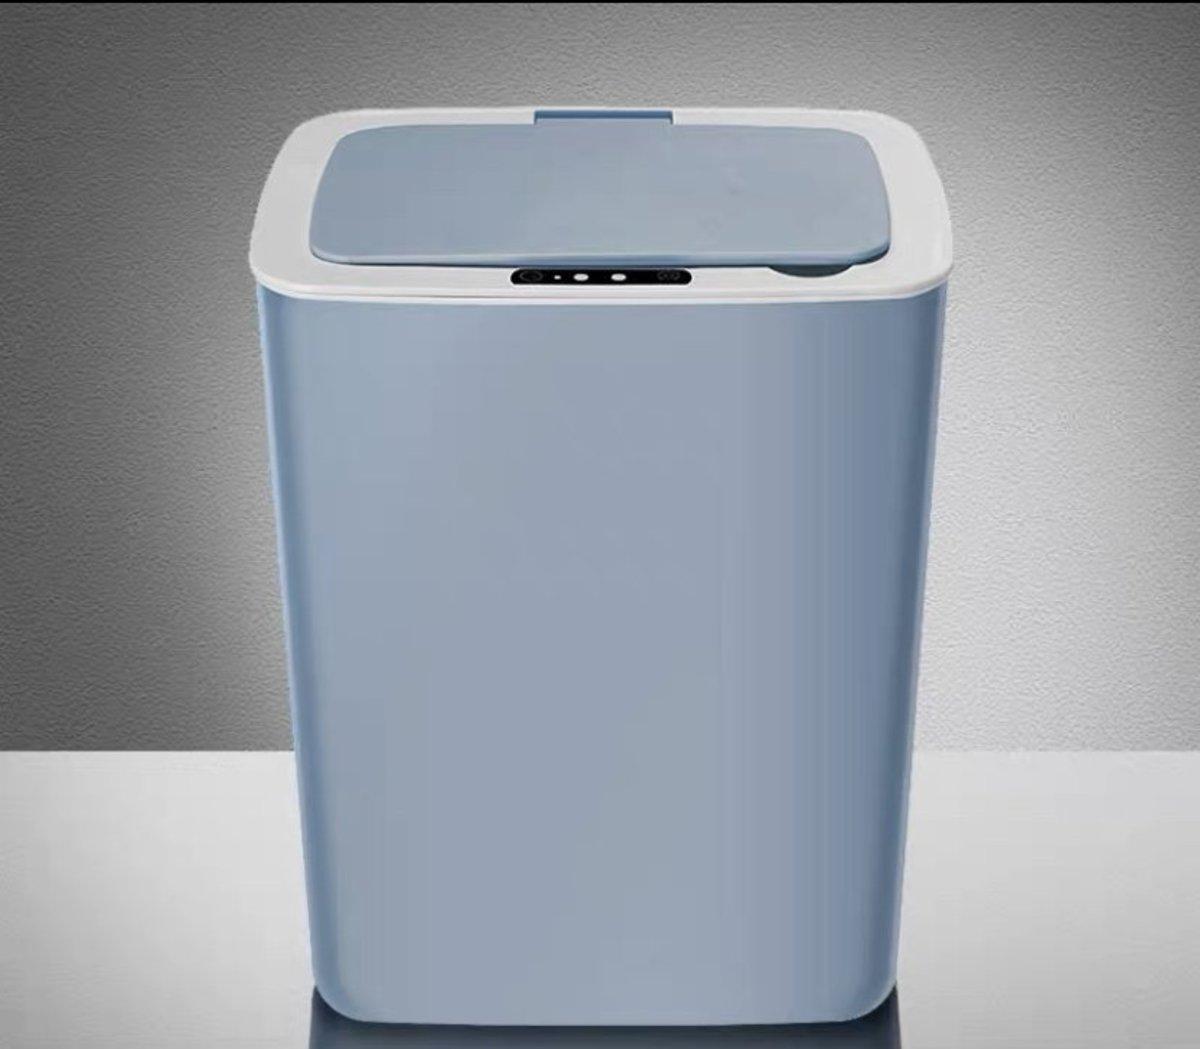 Intelligent Trash Can smart rubbish bin 14L - Blue